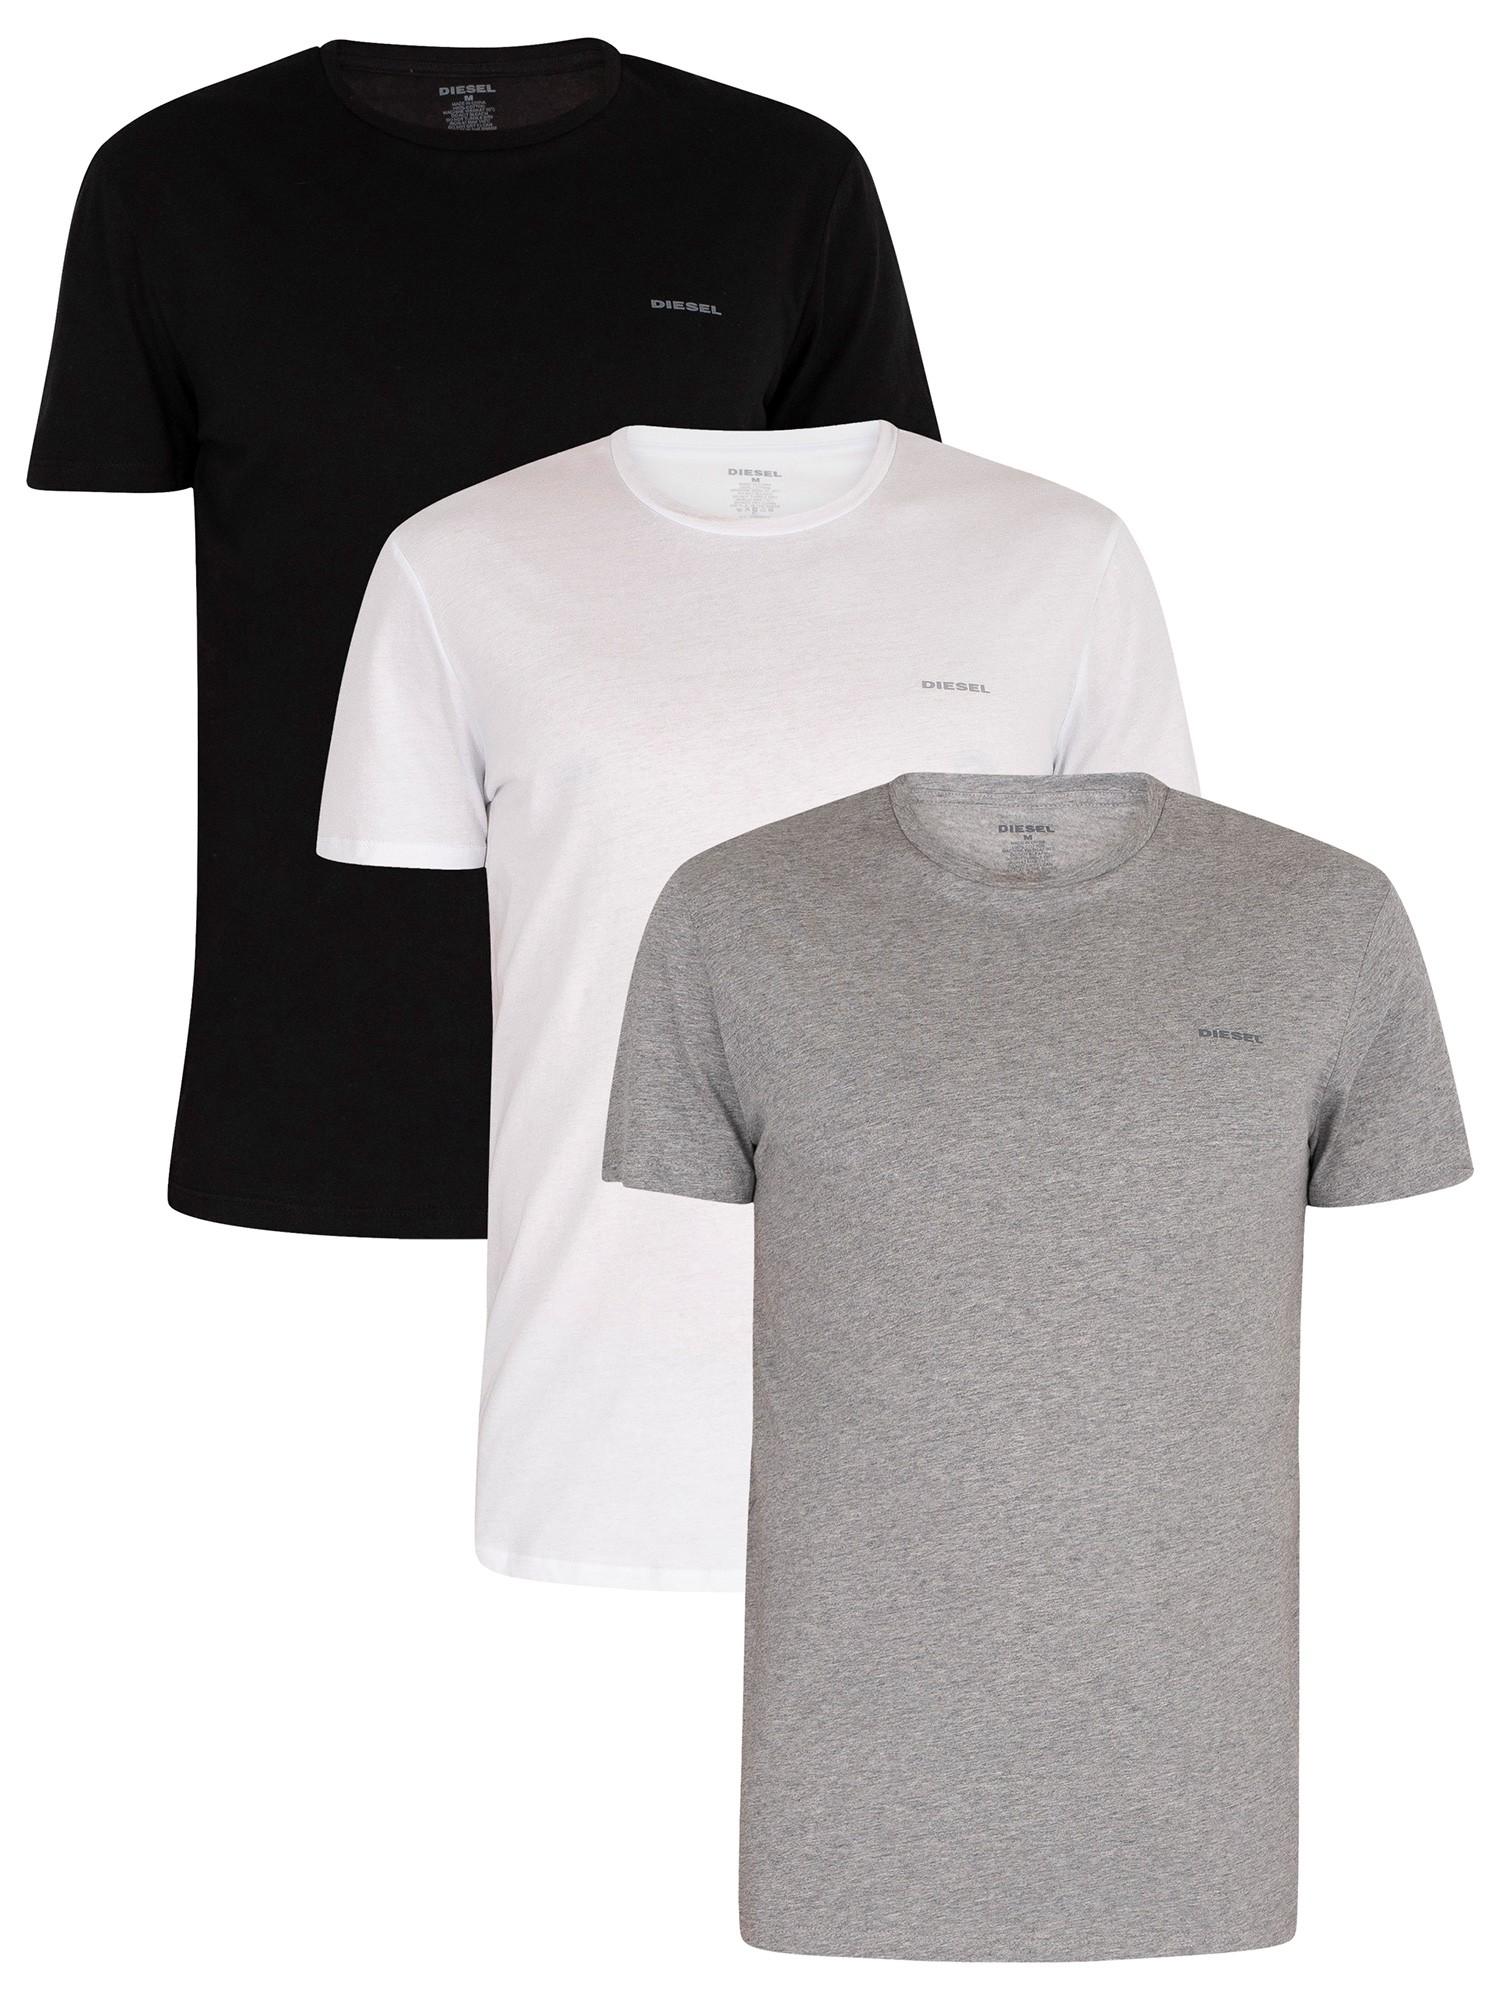 3-Pack-Jake-Plain-Logo-TShirts